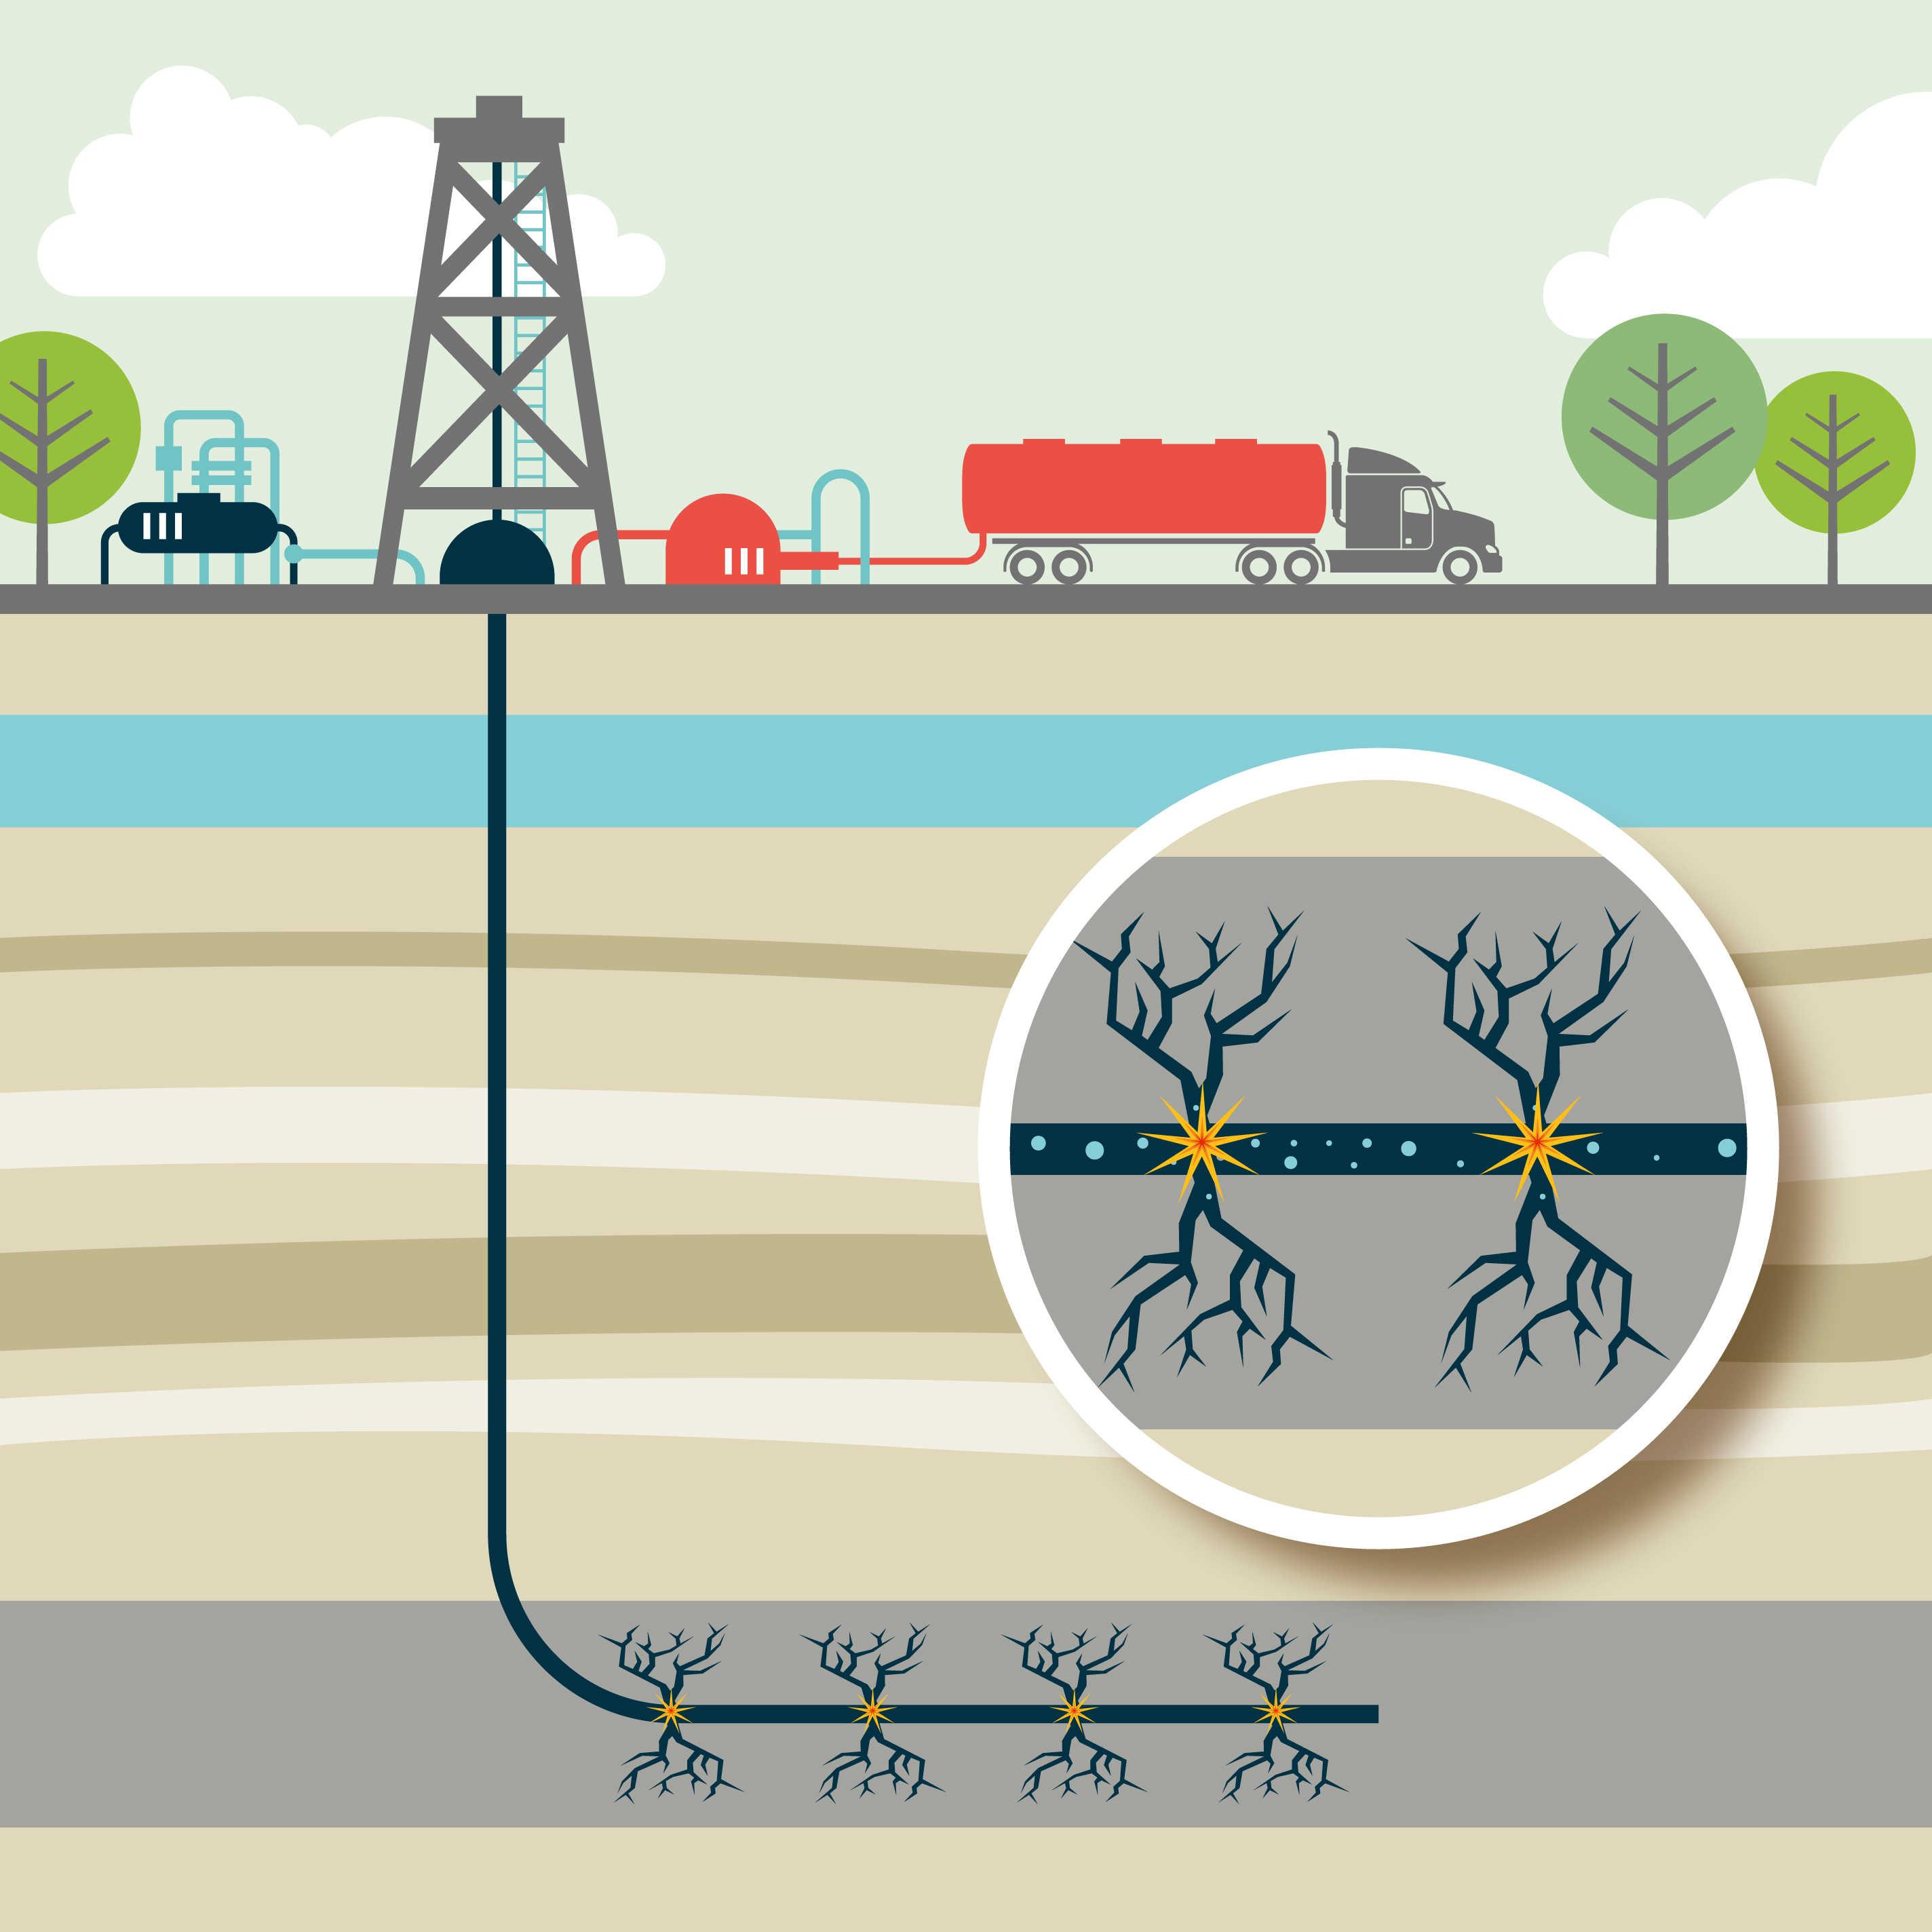 Energías renovables (eólica, termosolar y energía solar fotovoltaica) no se dan por vencidas por el fracking